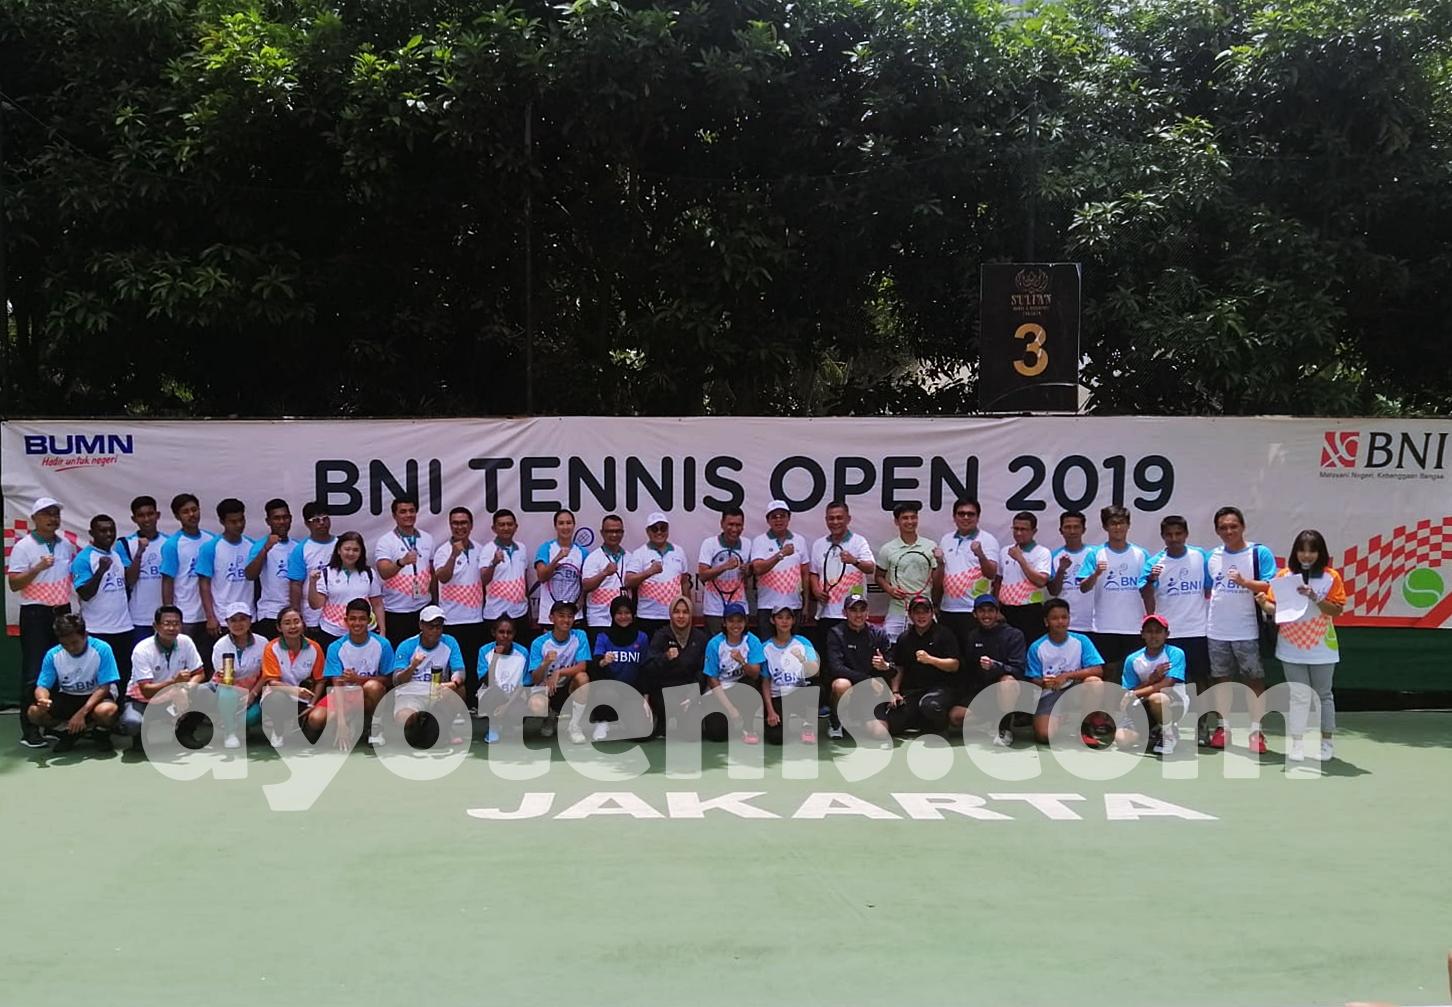 Hasil Pertandingan Tennis Open di Jakarta, Senin 18 November 2019